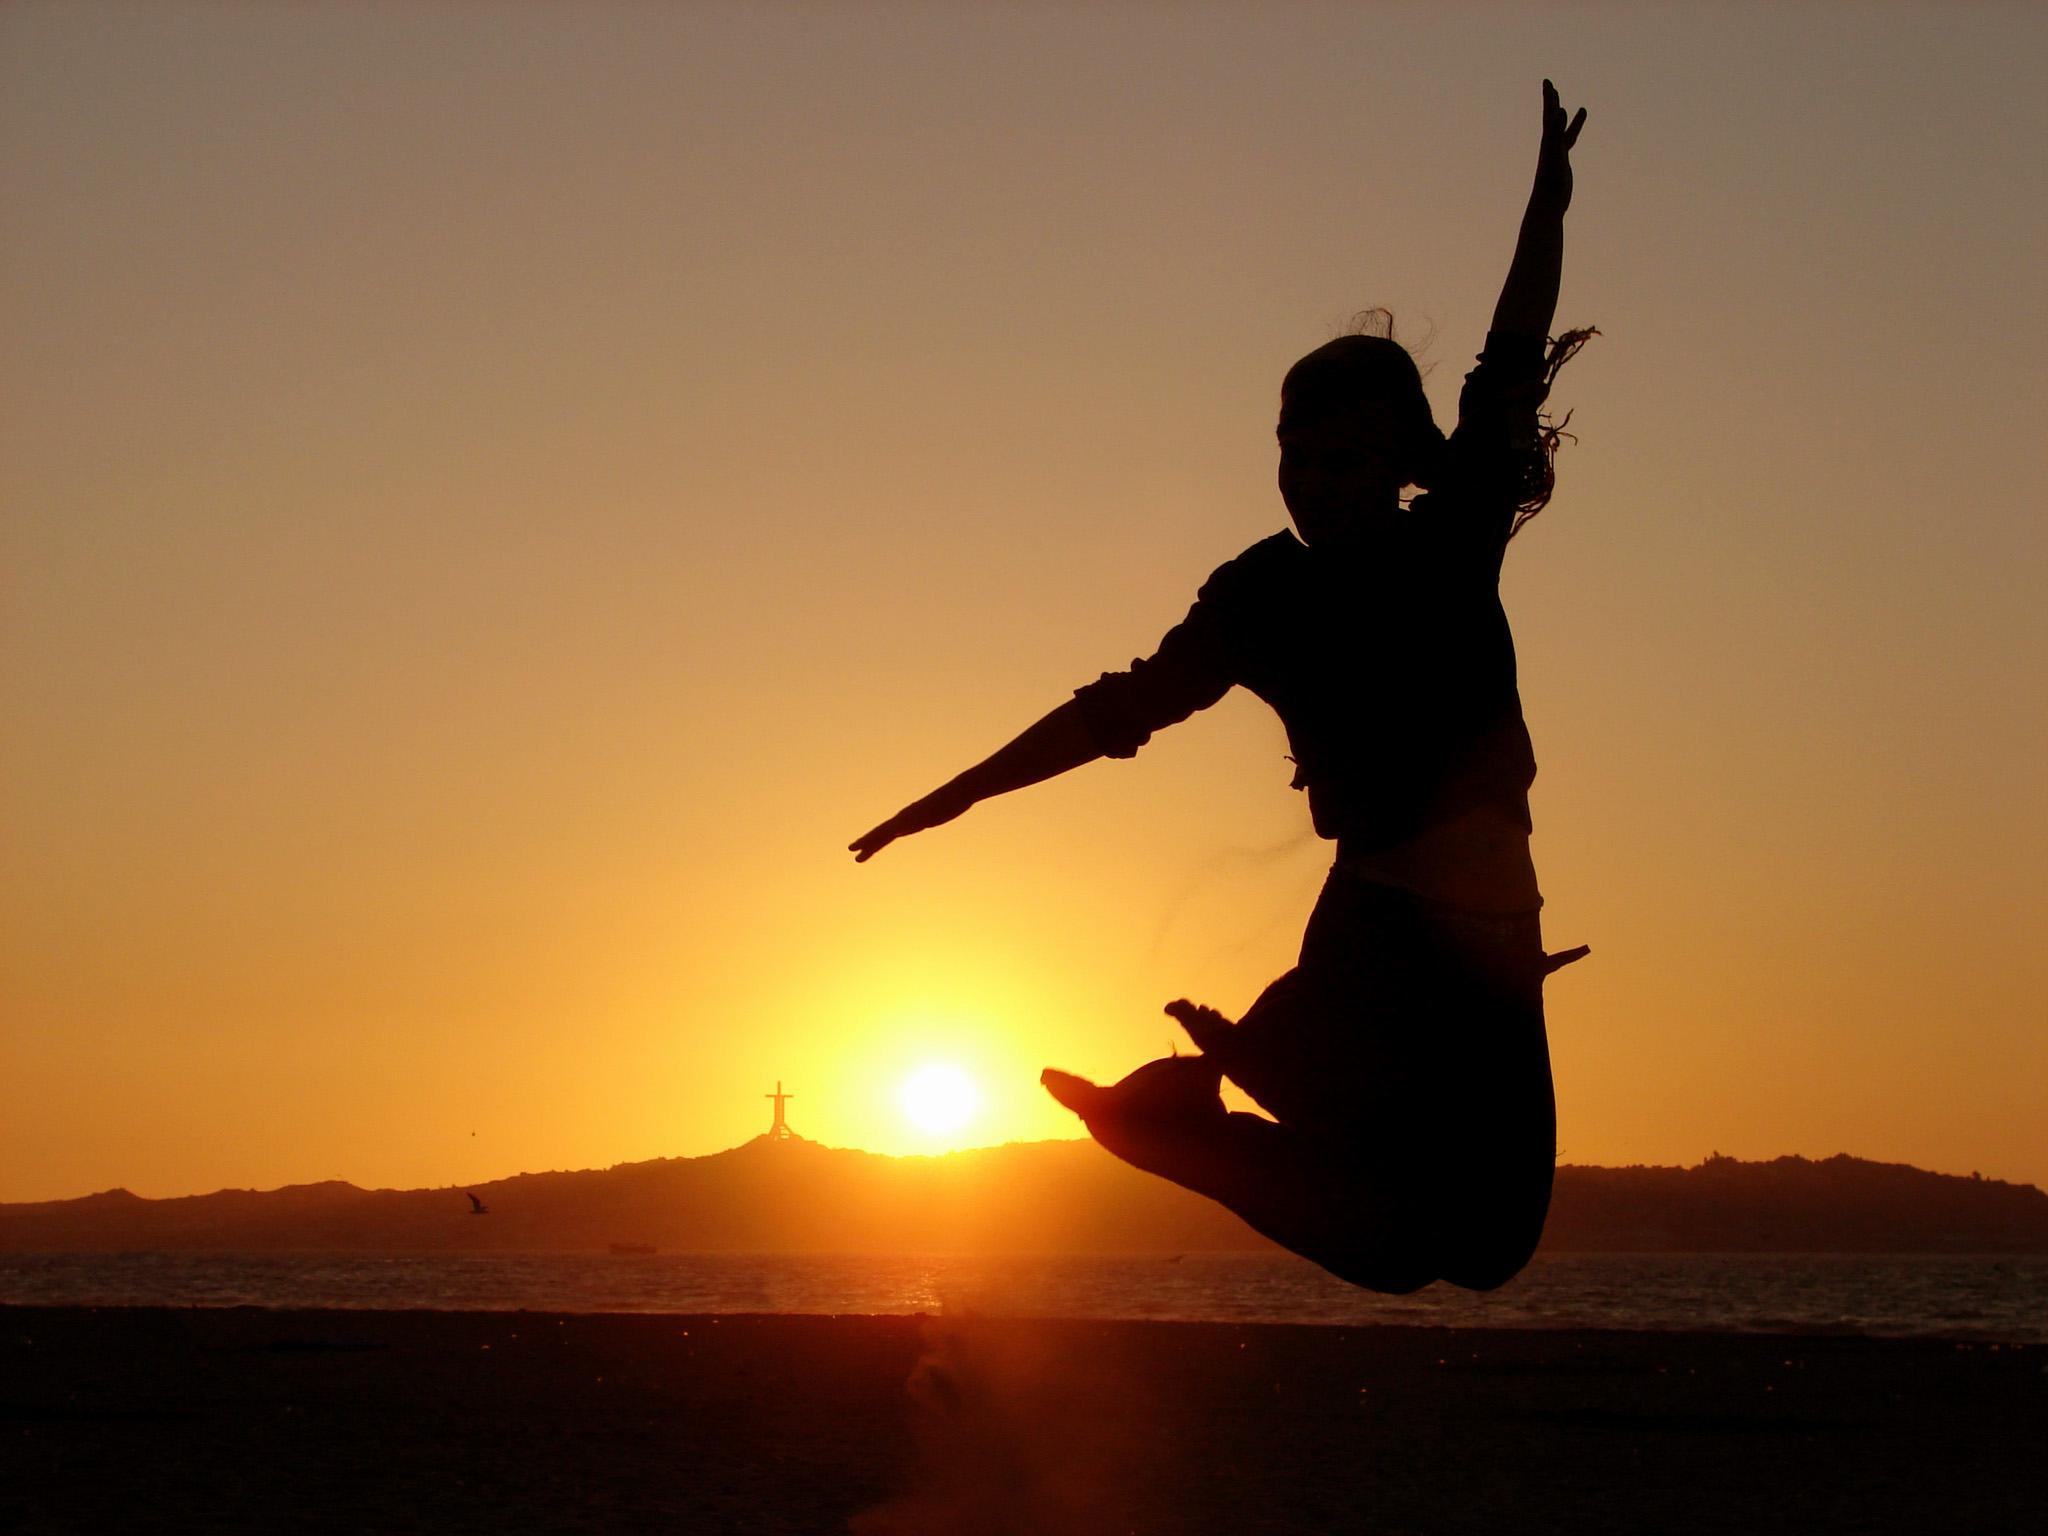 šťastný výskok pri západe slnka